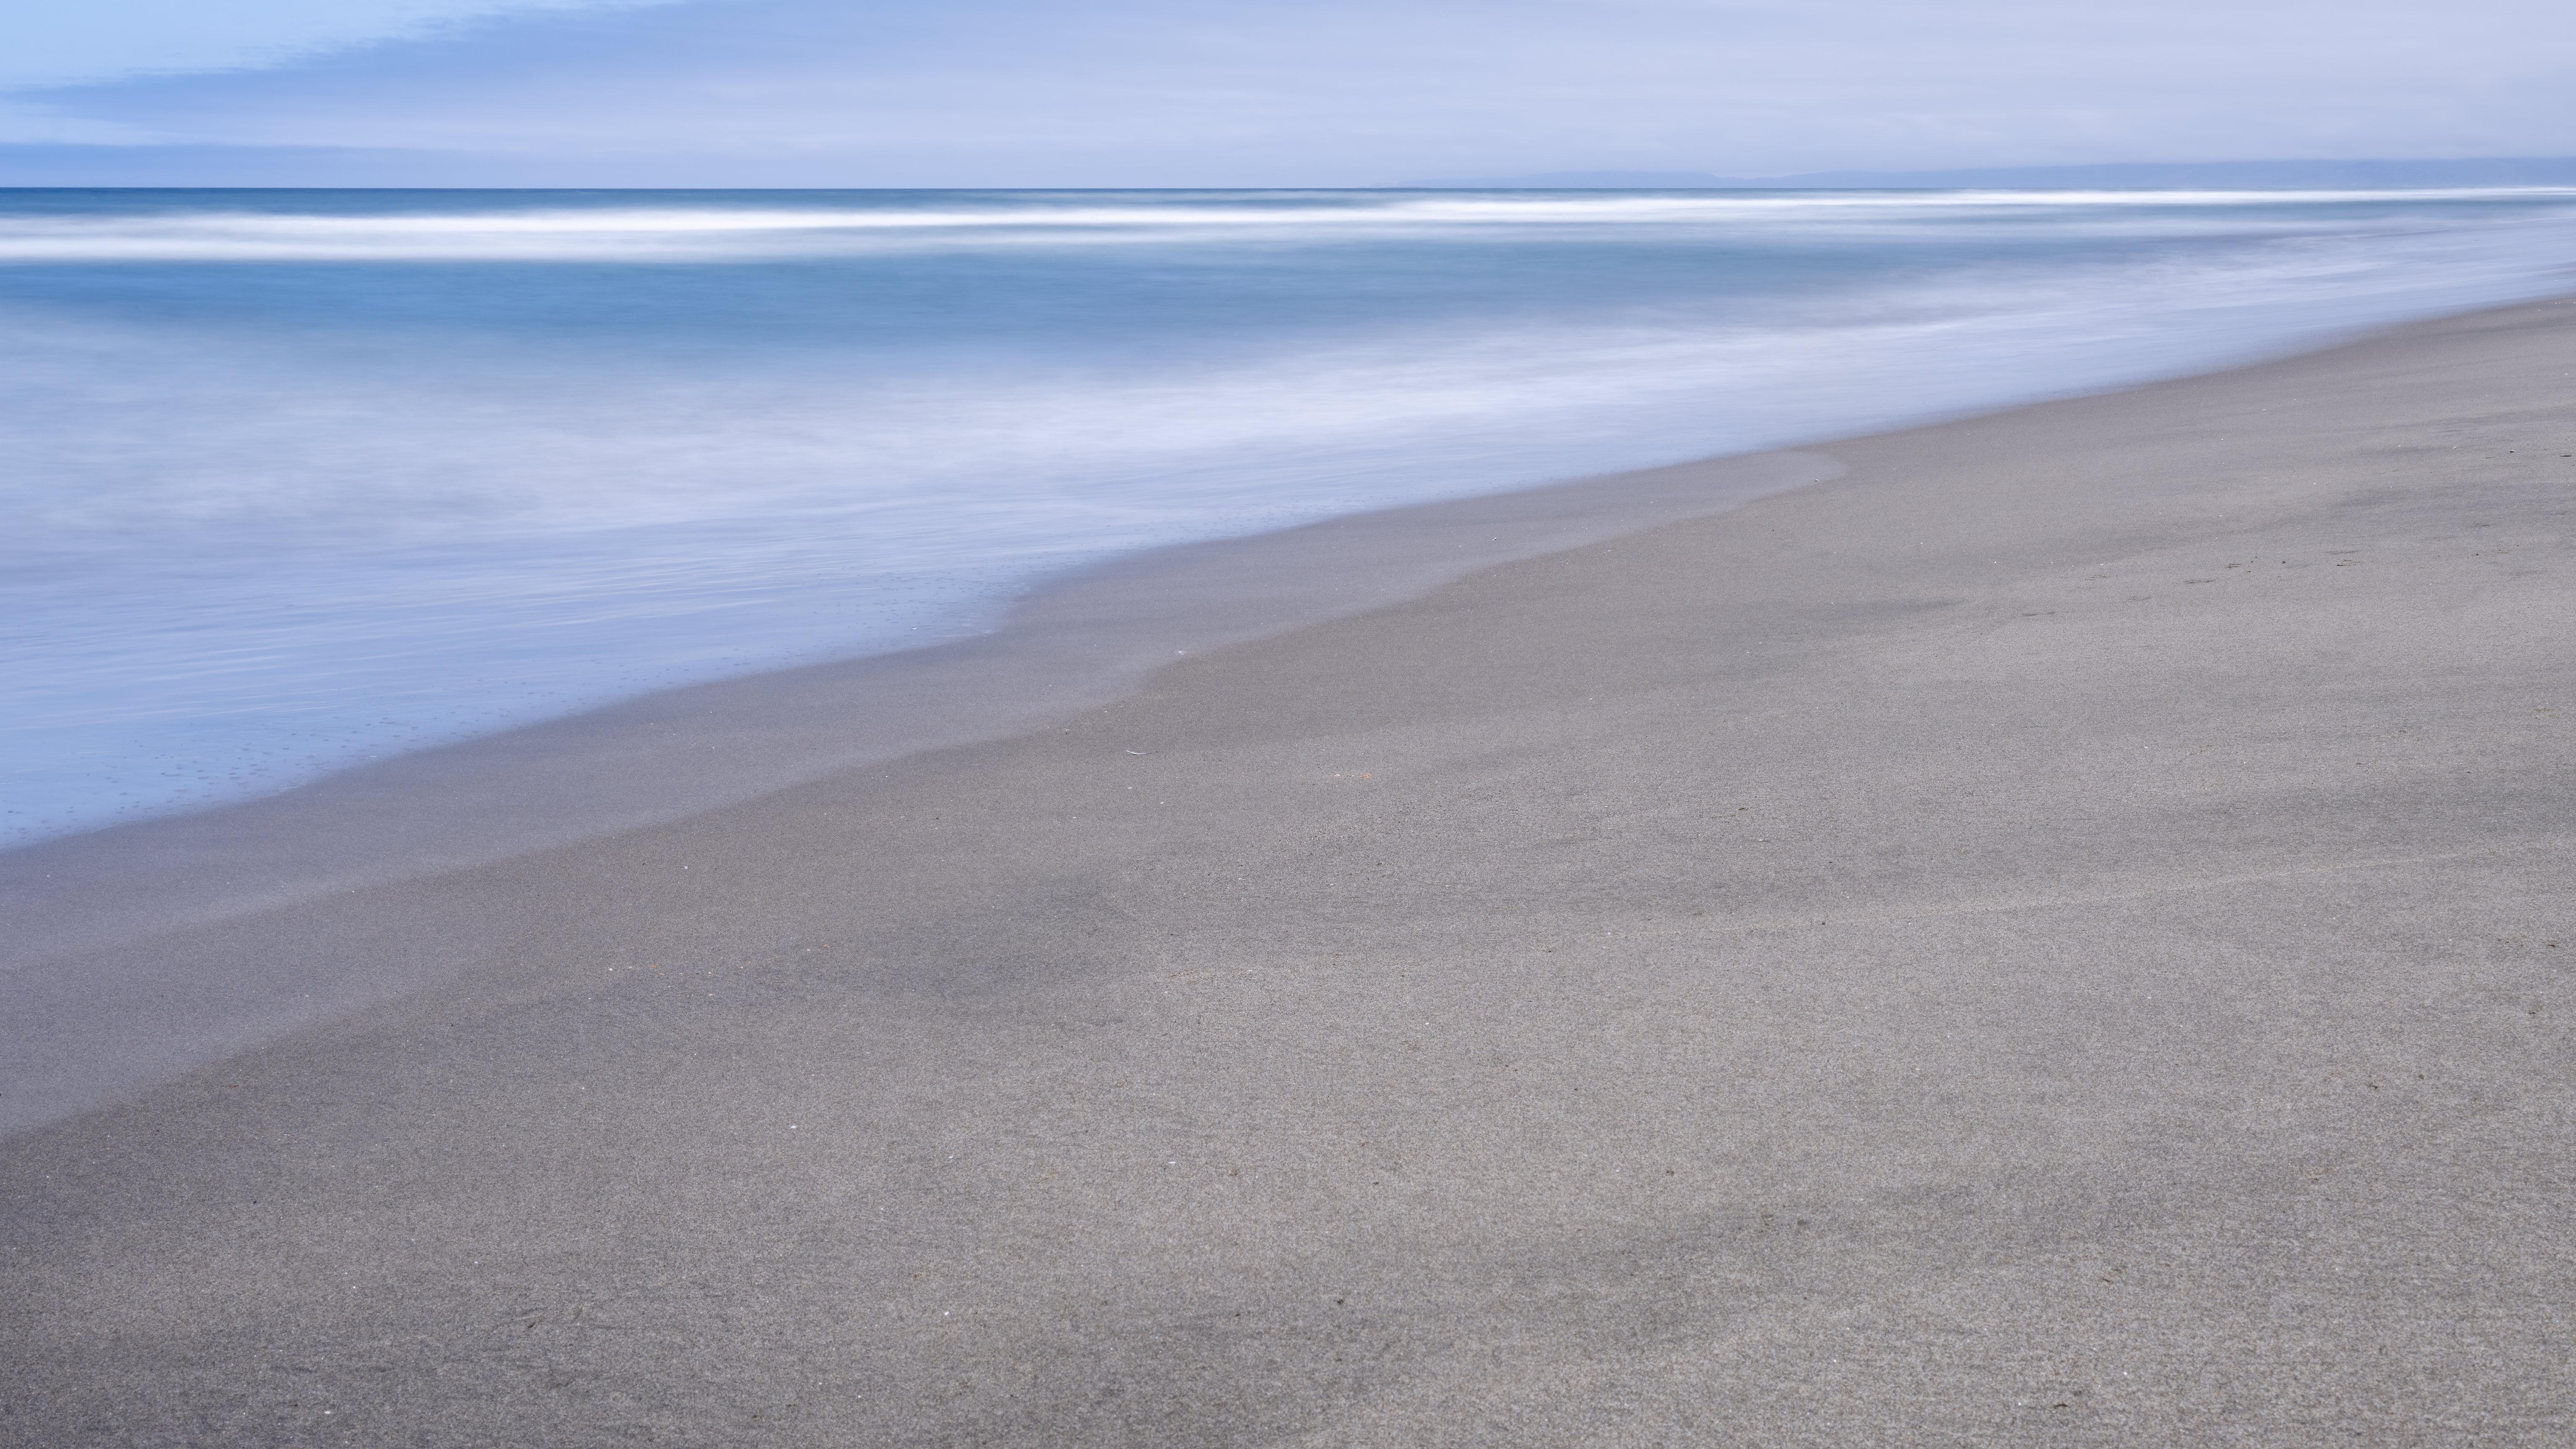 154933壁紙のダウンロード自然, ビーチ, 地平線, サンド, 海岸, 海-スクリーンセーバーと写真を無料で